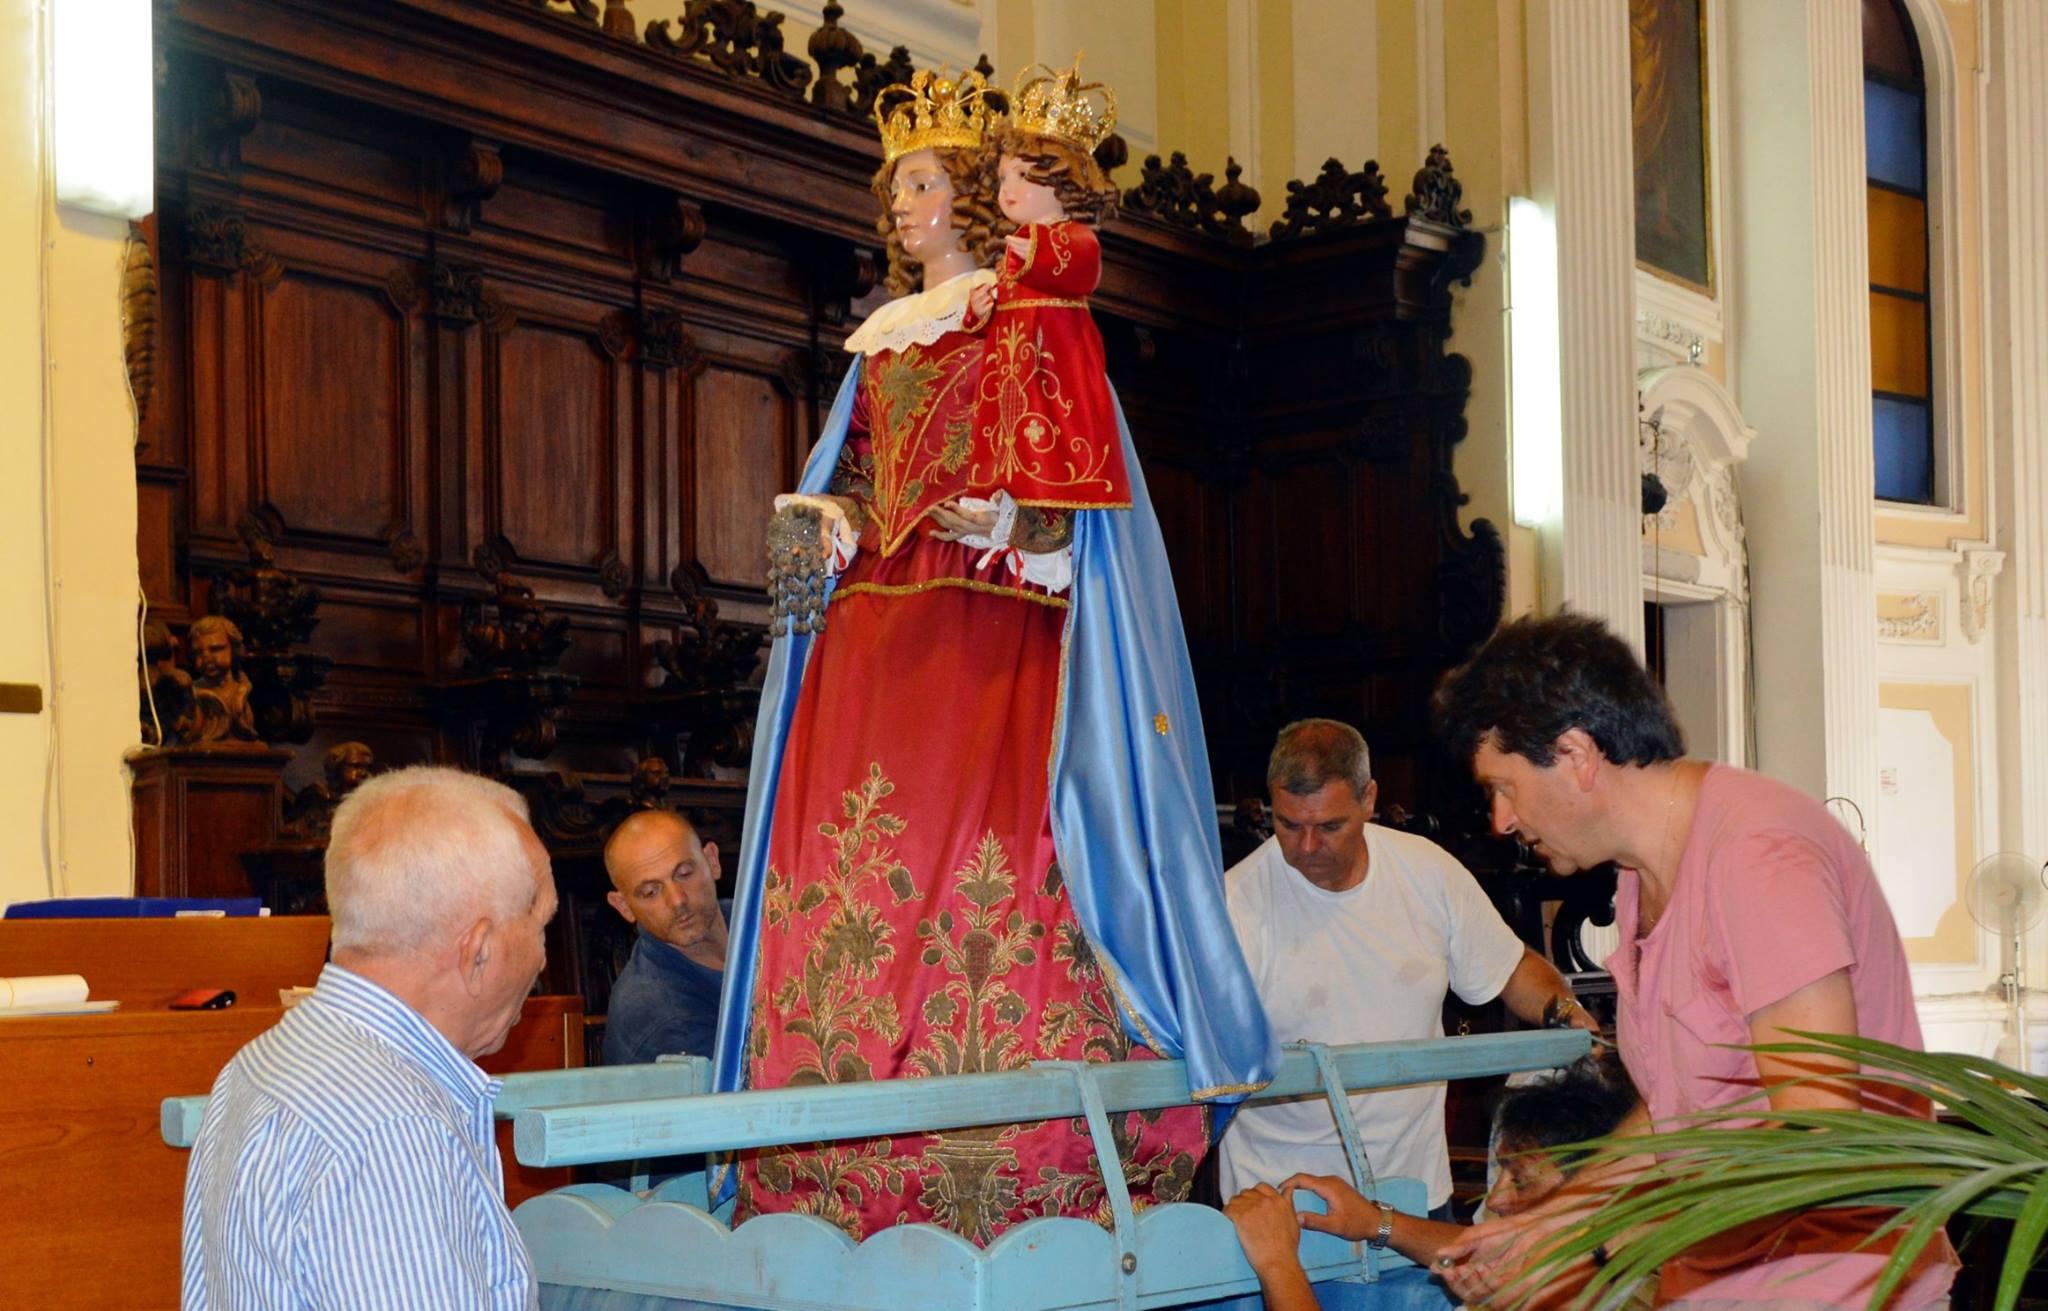 Festa delle Lucerne, partono tra le luci i festeggiamenti per la Madonna della Neve